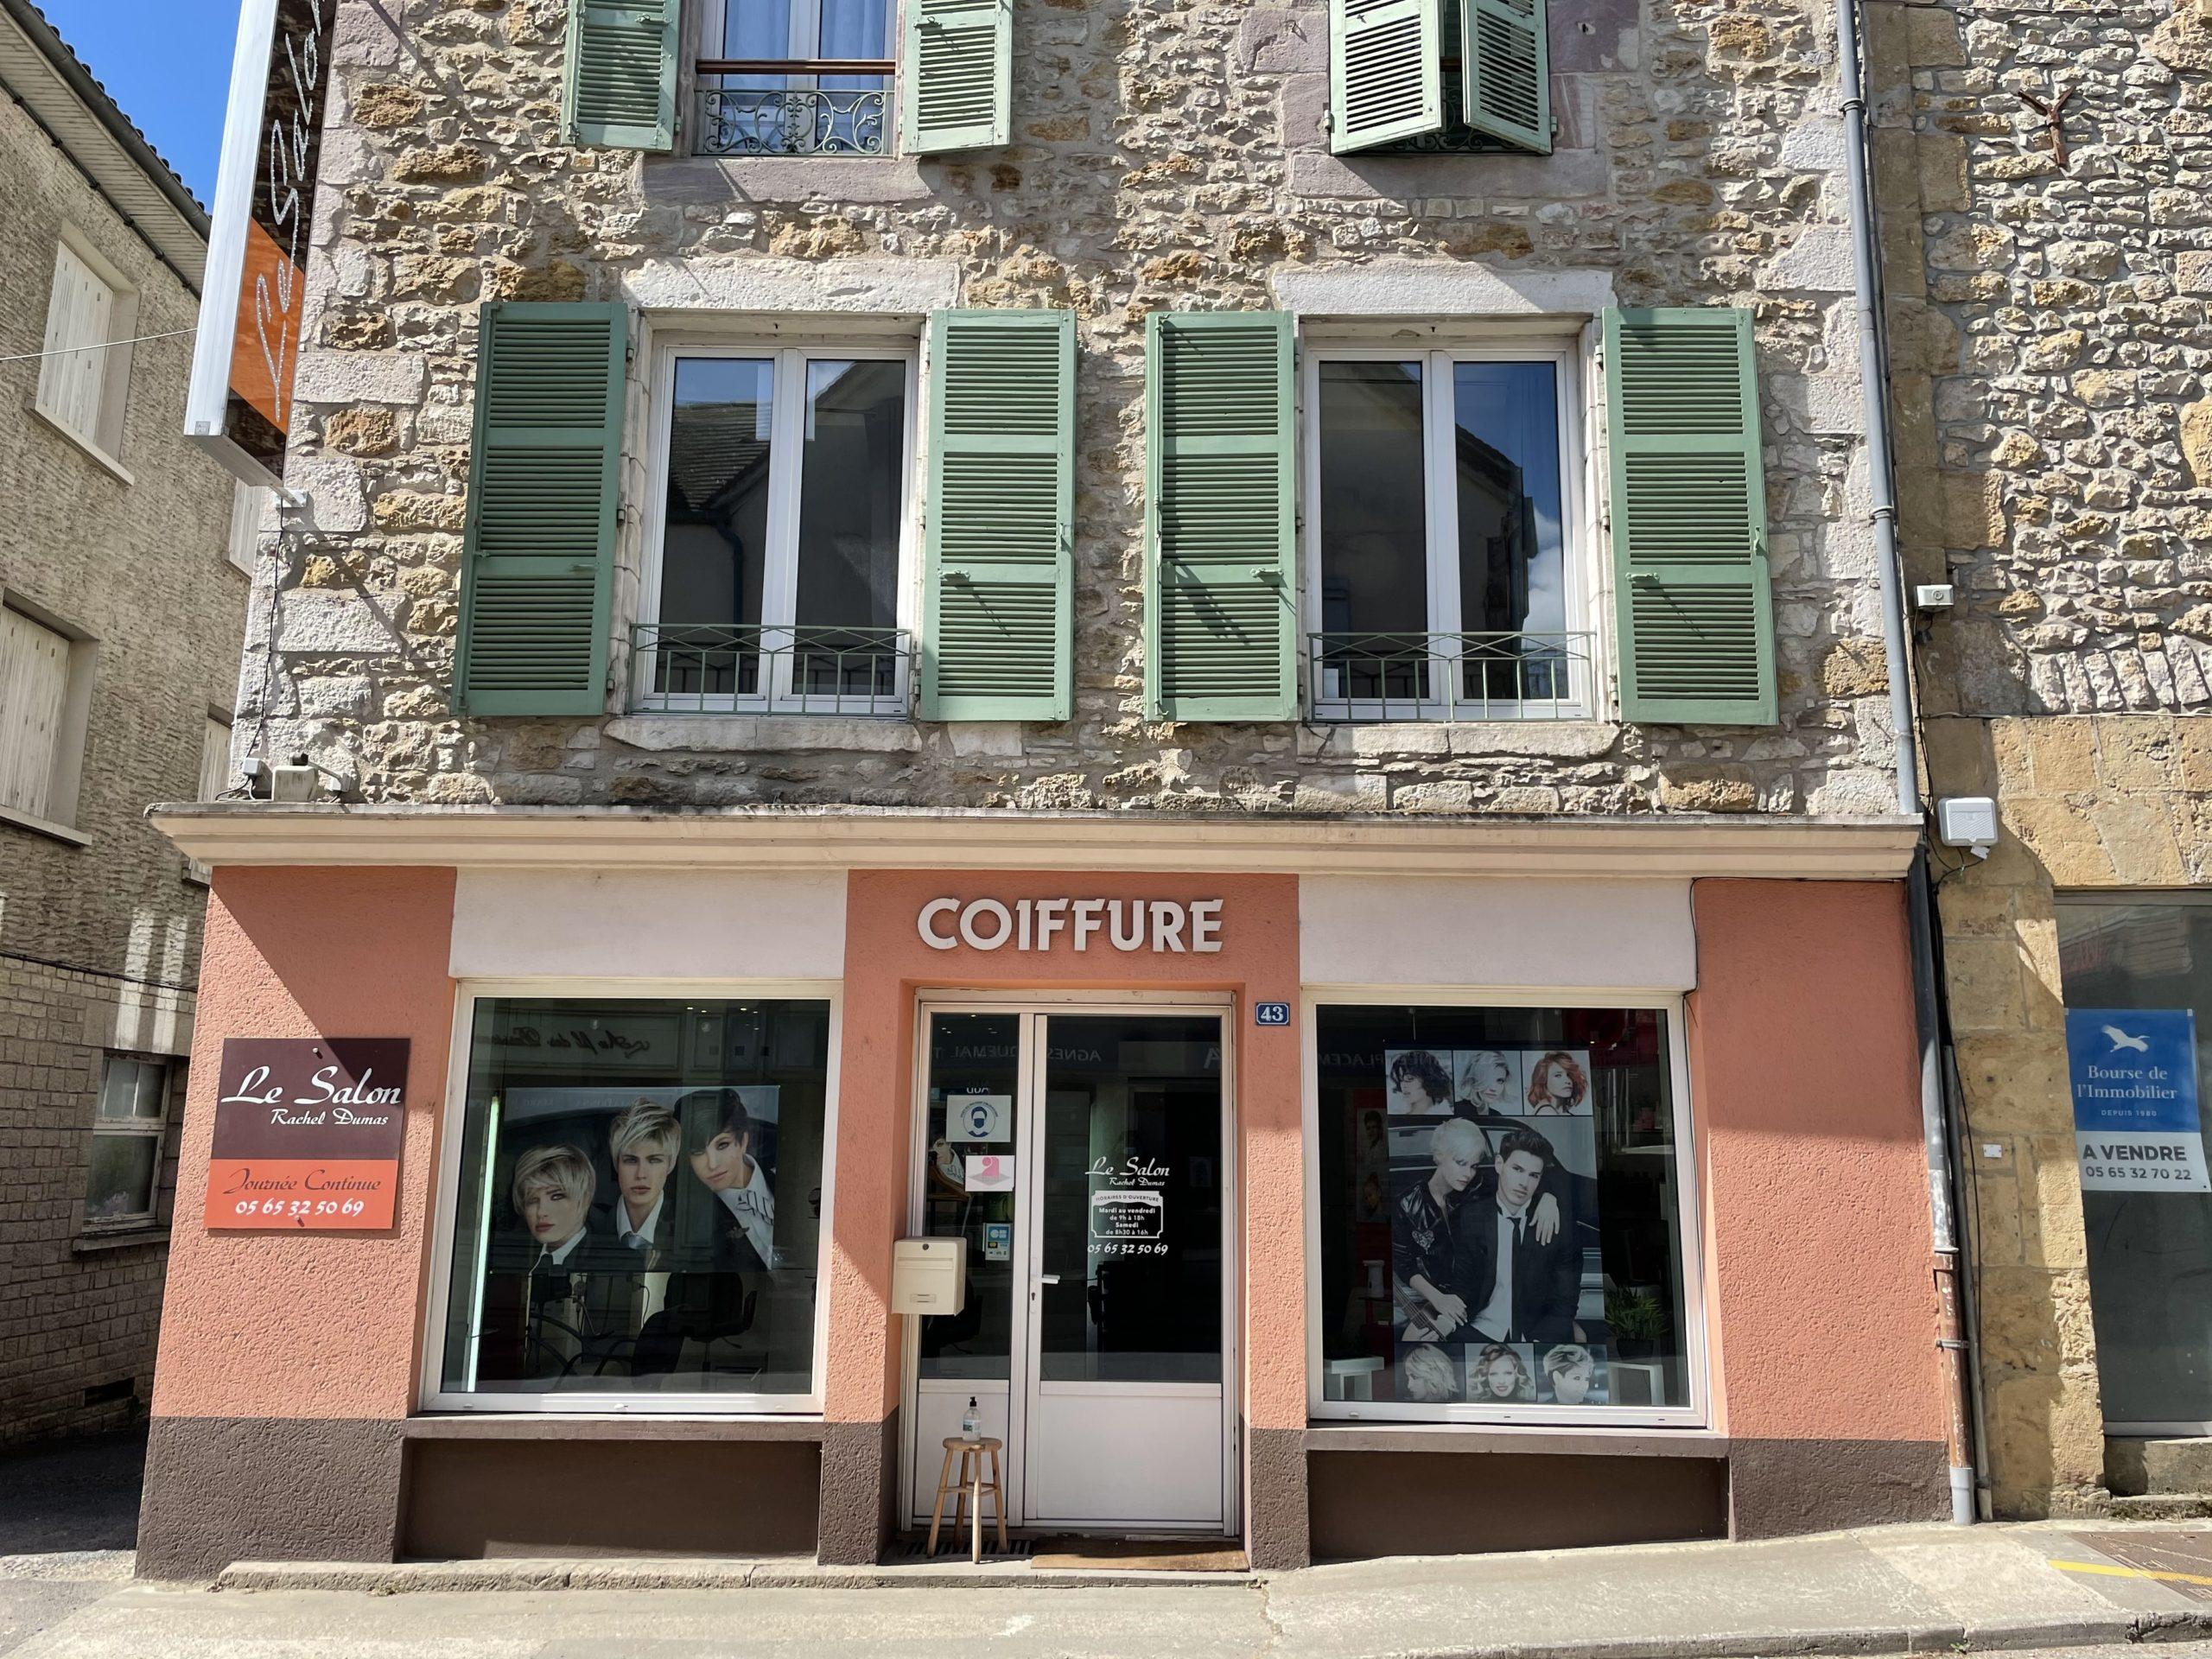 Partout en France, les petits commerces rouvrent à la campagne